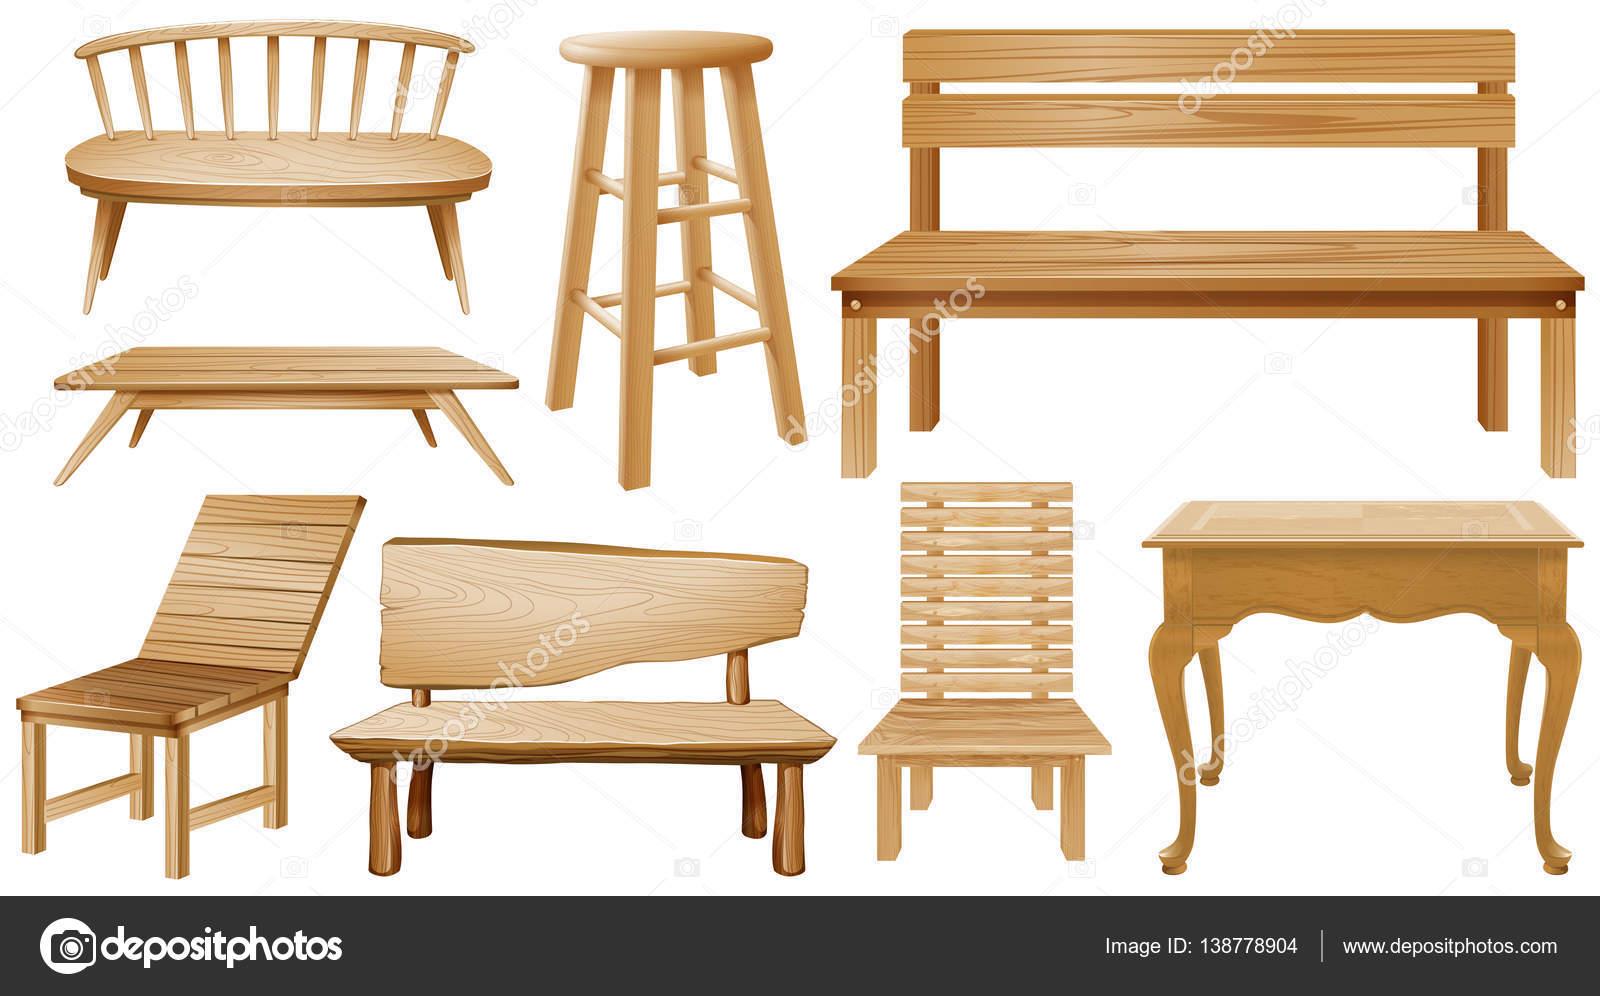 Modelli Sedie In Legno.Diversi Modelli Di Sedie In Legno Vettoriali Stock C Blueringmedia